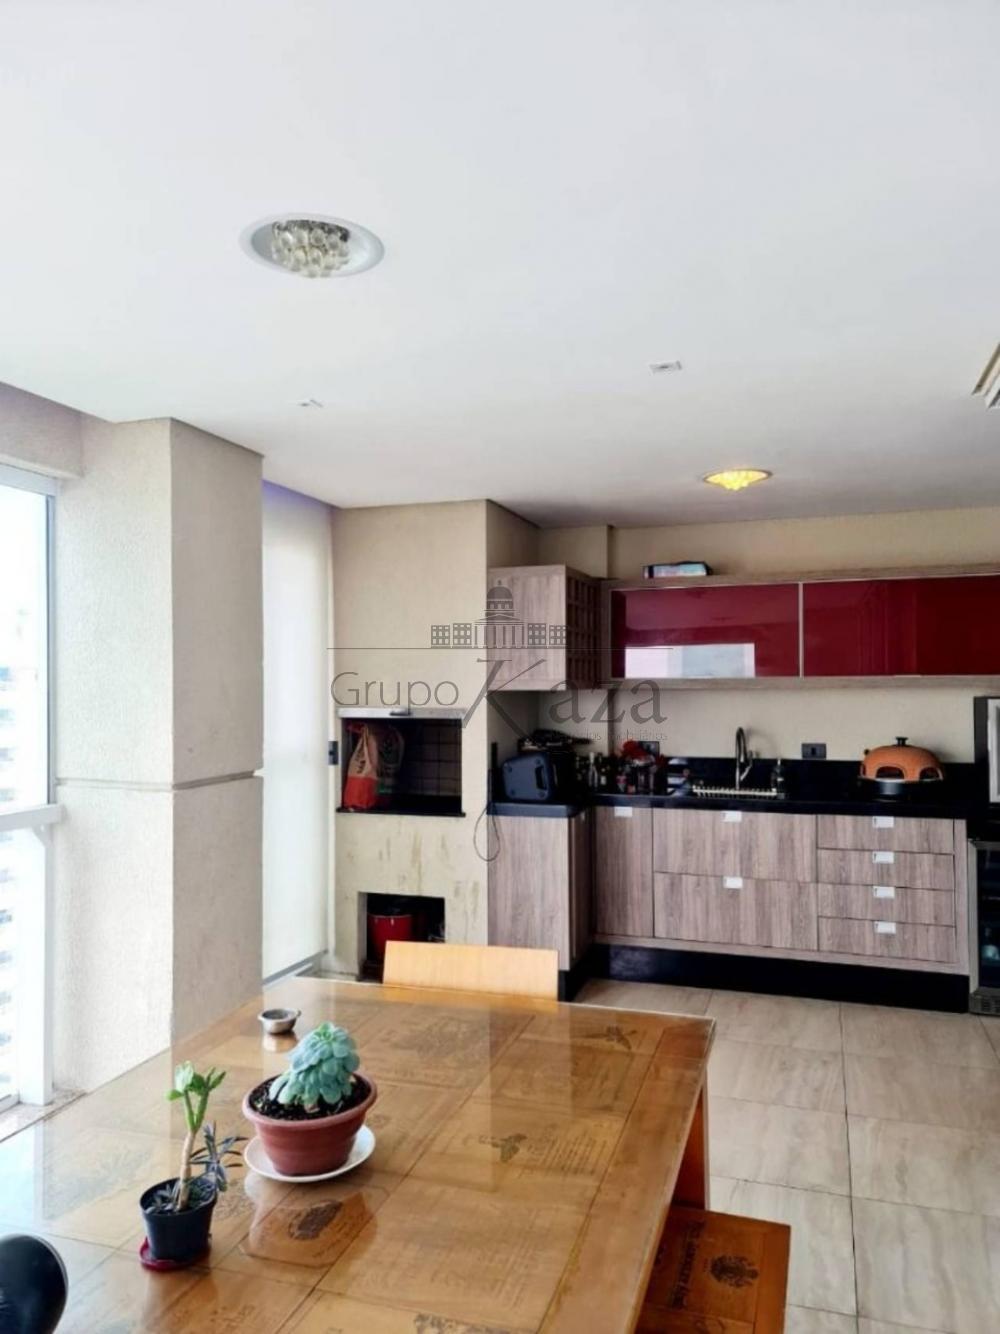 alt='Comprar Apartamento / Padrão em São José dos Campos R$ 1.600.000,00 - Foto 9' title='Comprar Apartamento / Padrão em São José dos Campos R$ 1.600.000,00 - Foto 9'